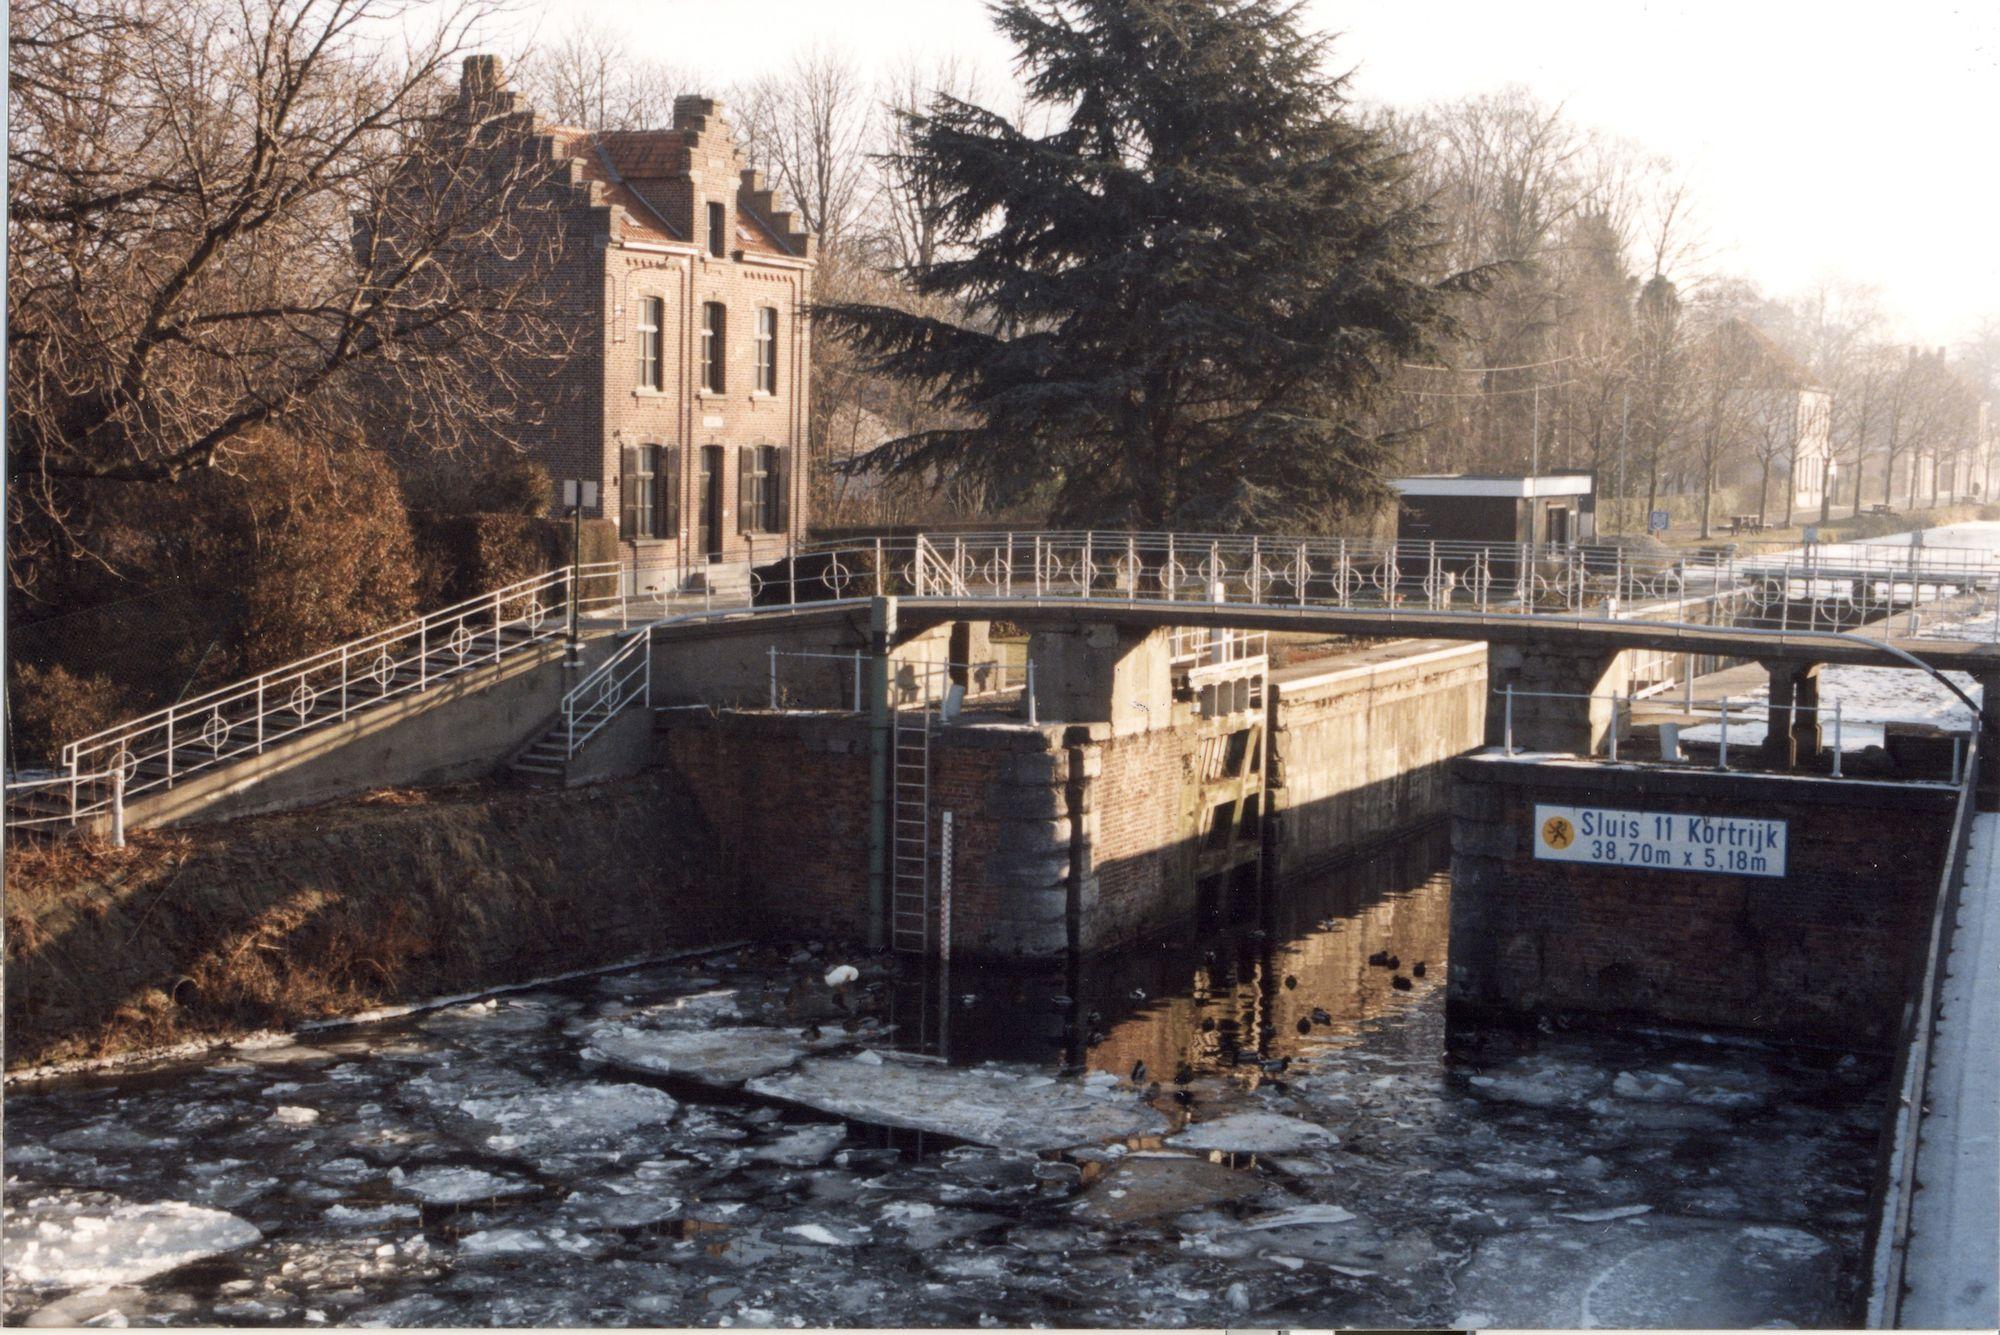 Sluis Nr. 11 op het kanaal Bossuit-Kortrijk te Kortrijk 1997